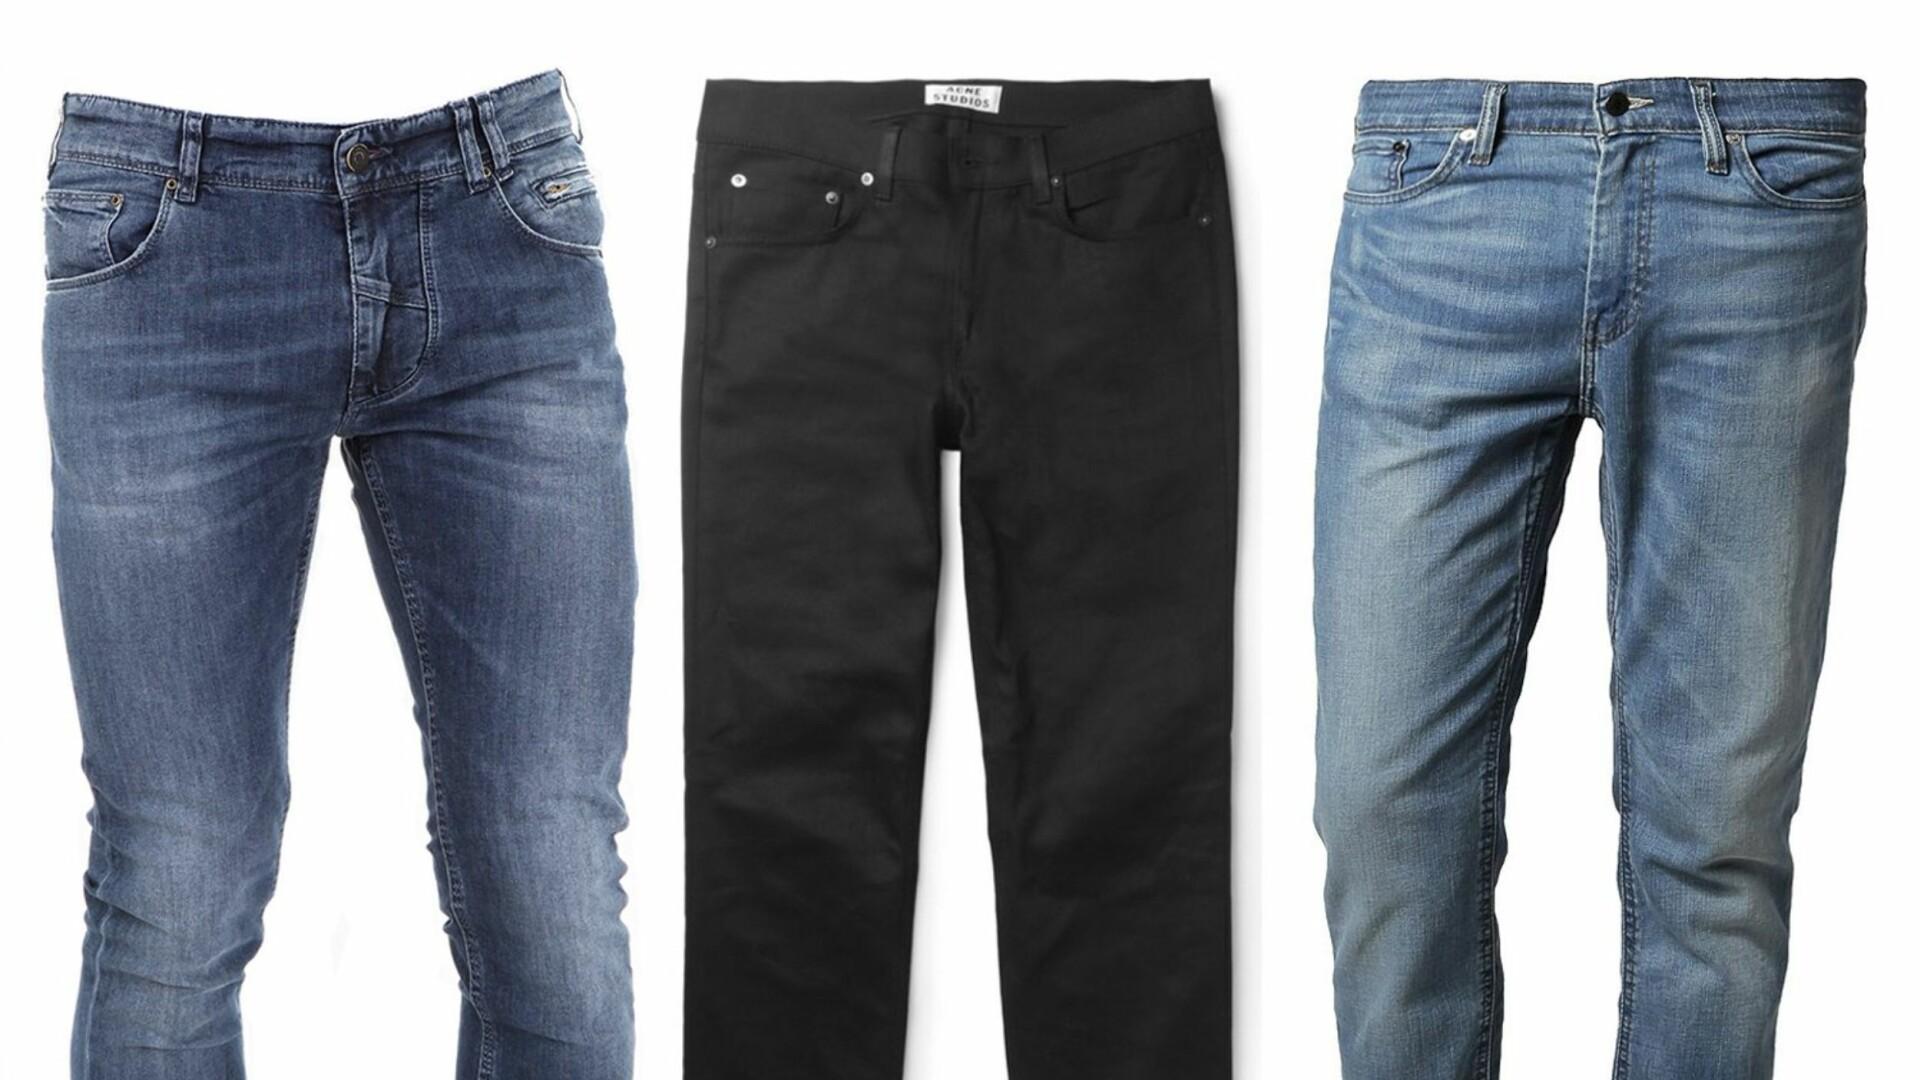 dff8d662 Jeans for menn - Mote og Shopping